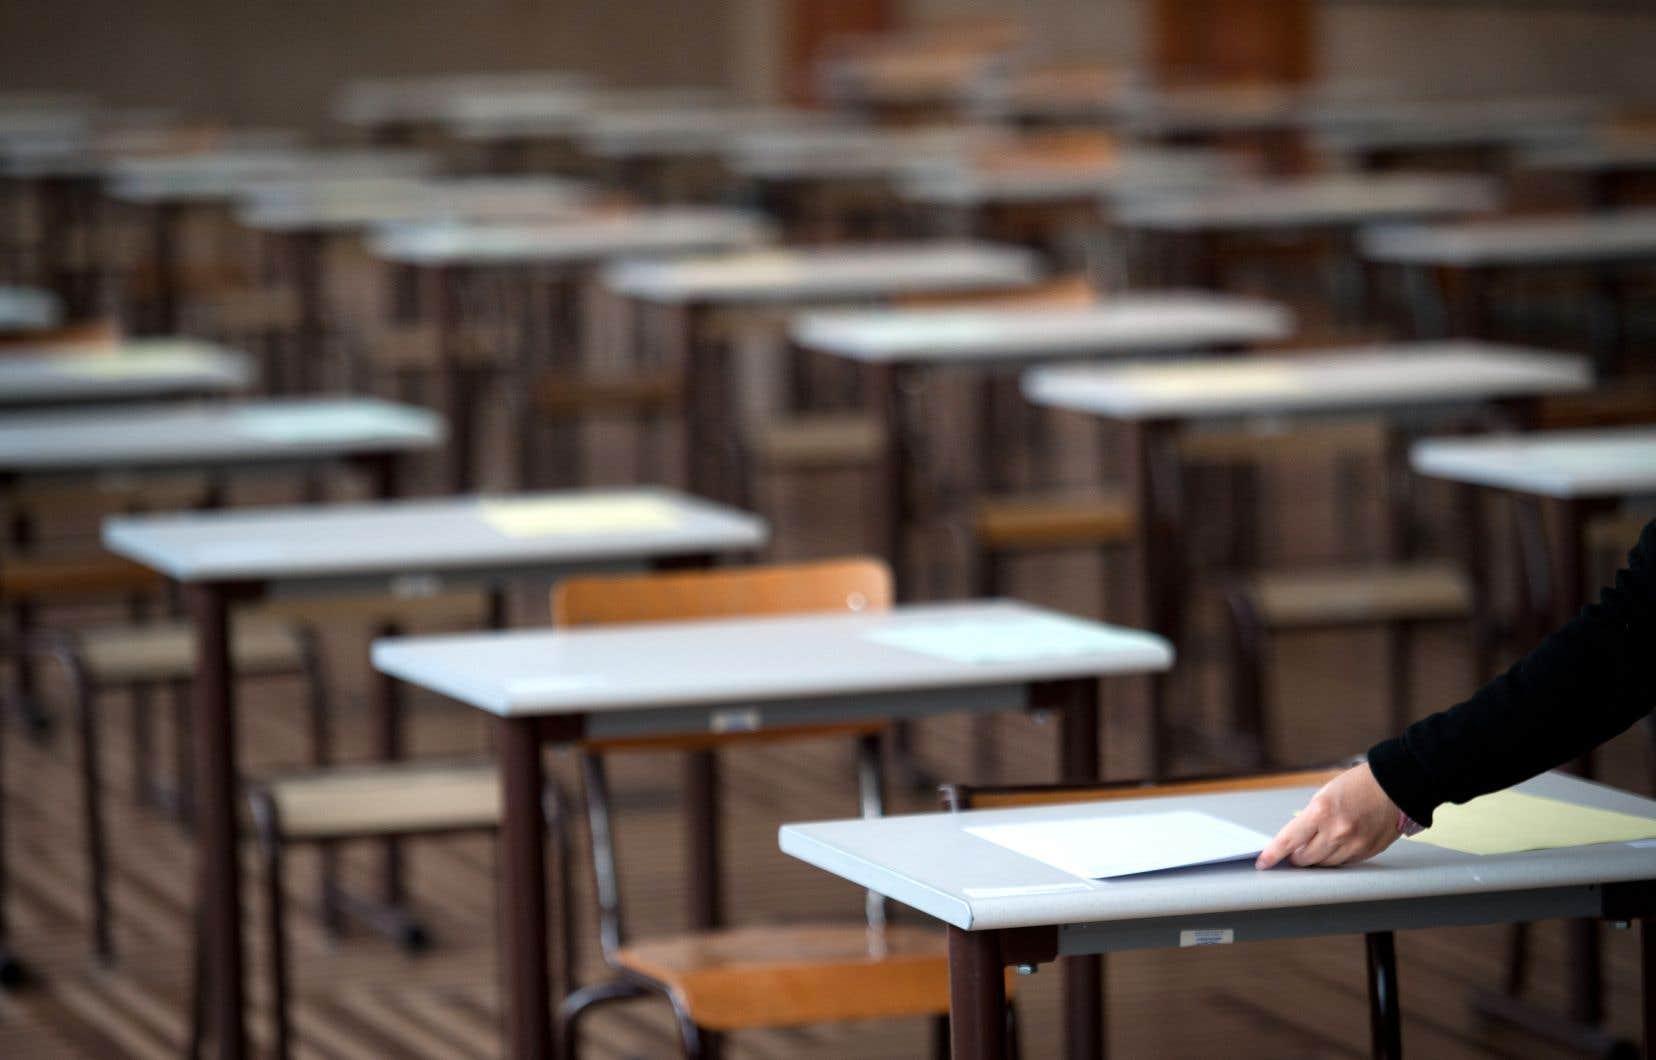 «L'hypothèse voulant que l'abolition du financement de l'école privée soit la meilleure façon d'assurer la mixité scolaire semble séduisante, mais elle n'est pas fondée», écrit l'auteur.